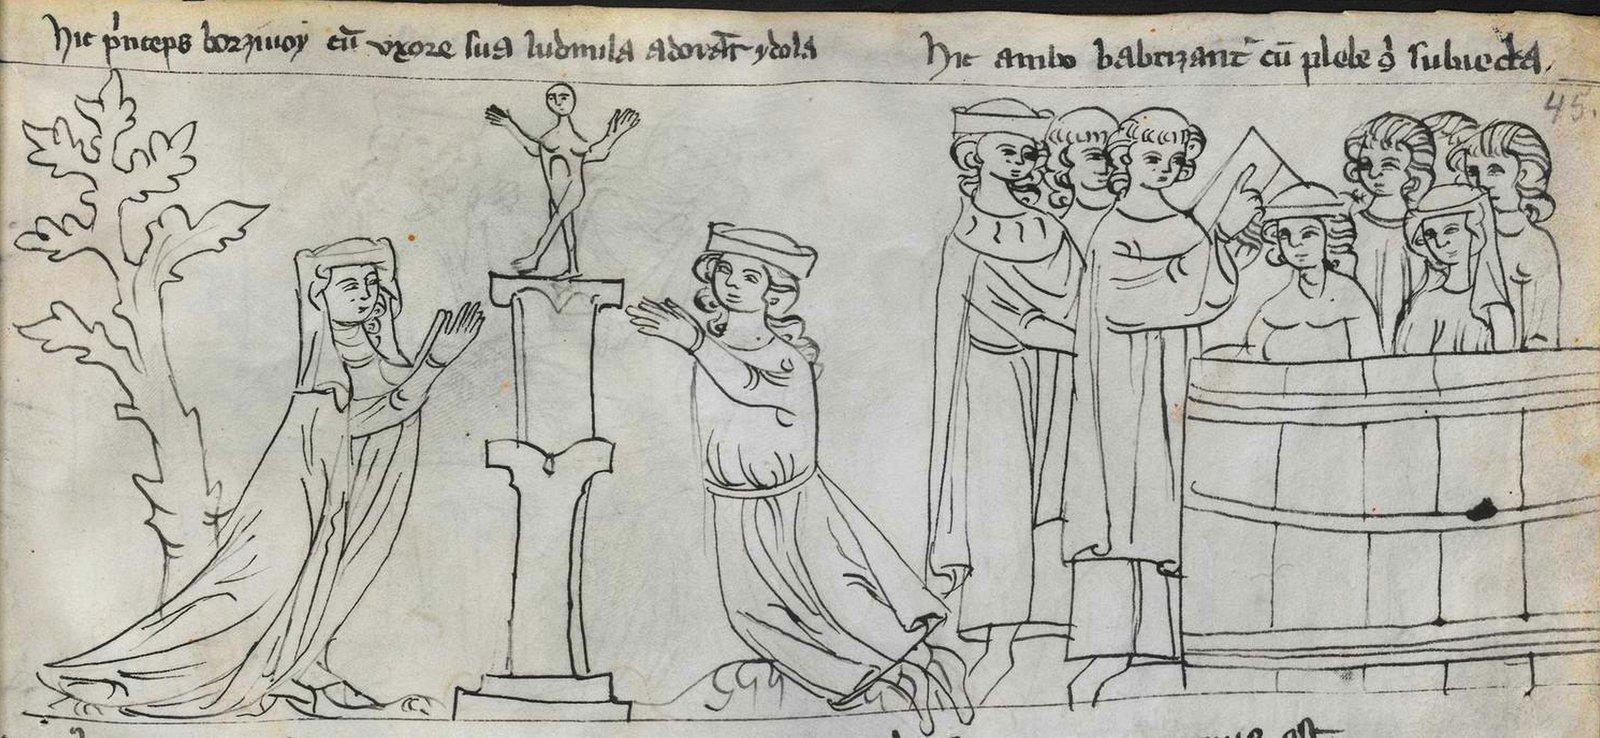 Opisanie historii Starego iNowego Testamentu, jak również niektórych świętych - tzw. Ilustrowany Kodeks zKrumlova Miniatura zXIV-wiecznej kroniki. Czeski książę Borzywoj zżoną Ludmiłą modlą się do posążka. Źródło: autor nieznany, Opisanie historii Starego iNowego Testamentu, jak również niektórych świętych - tzw. Ilustrowany Kodeks zKrumlova, ok. 1360, rysunek piórkiem (atrament), domena publiczna.